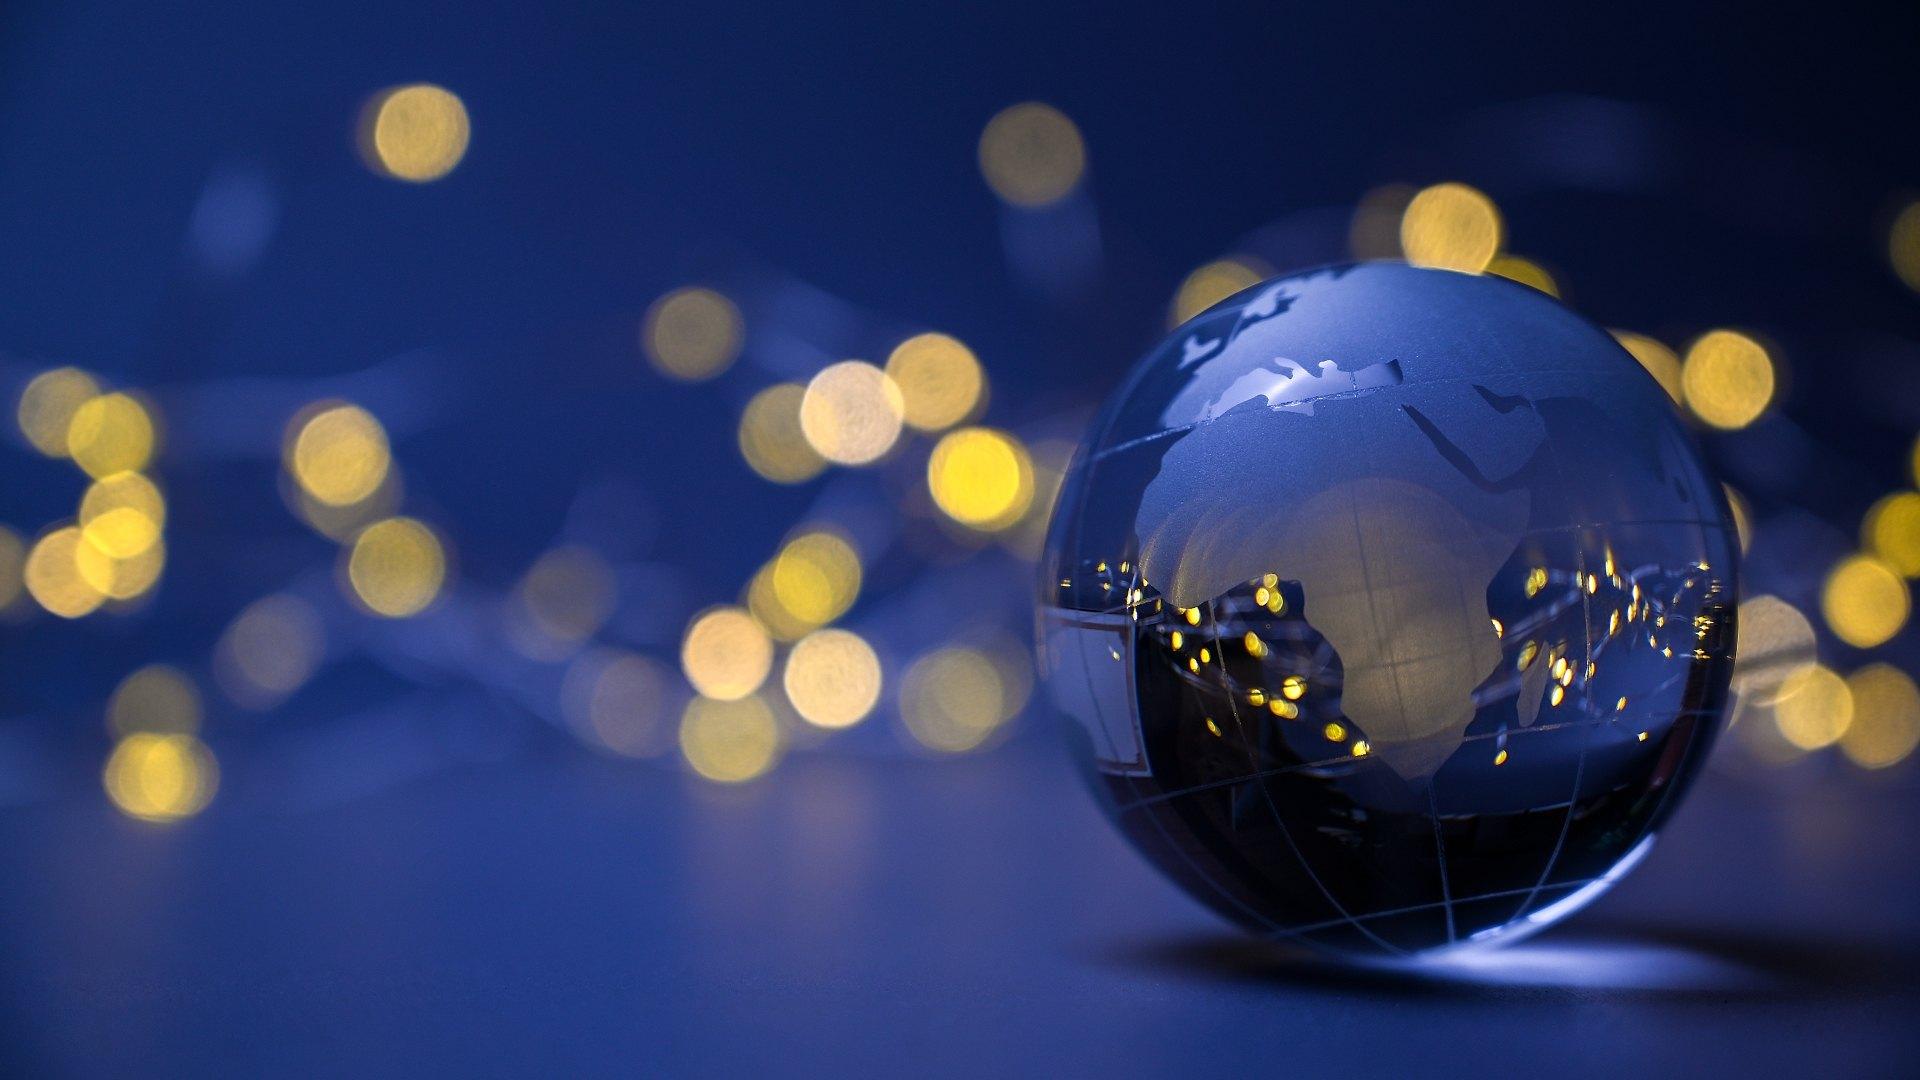 Image of a glass world globe